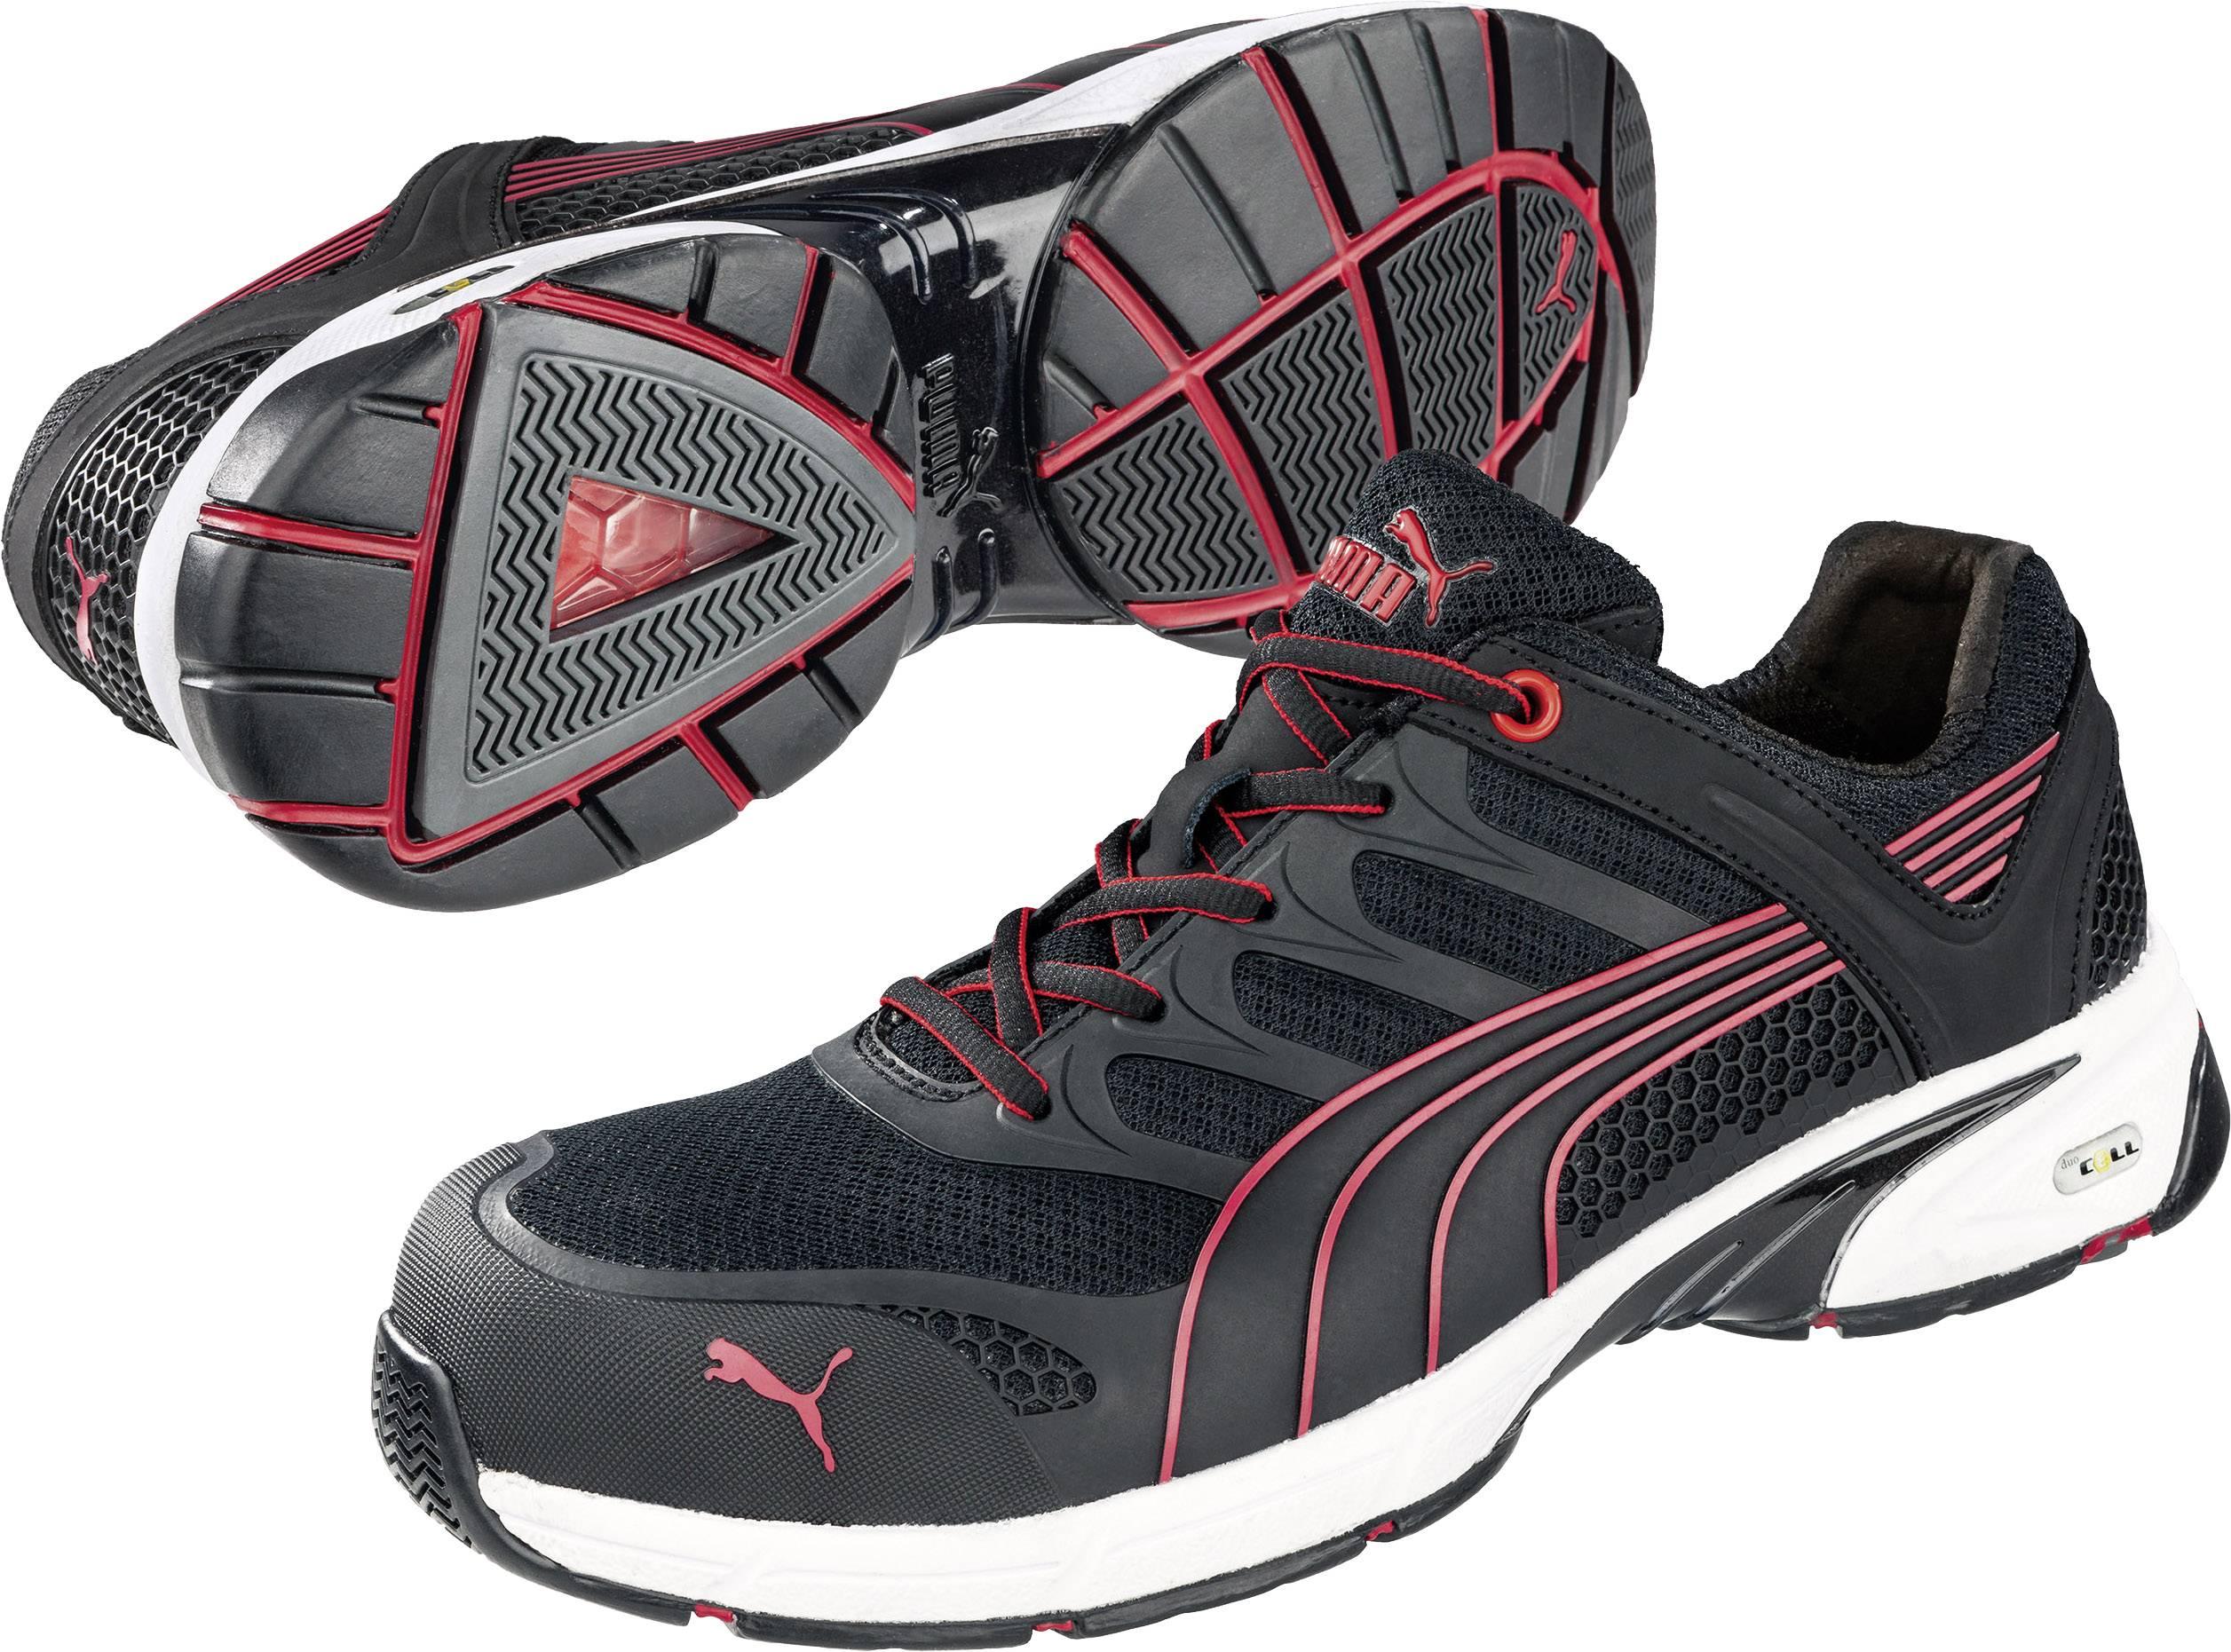 Bezpečnostní obuv S1P PUMA Safety FUSE MOTION RED LOW HRO SRA 642540, vel.: 40, černá, červená, 1 pár